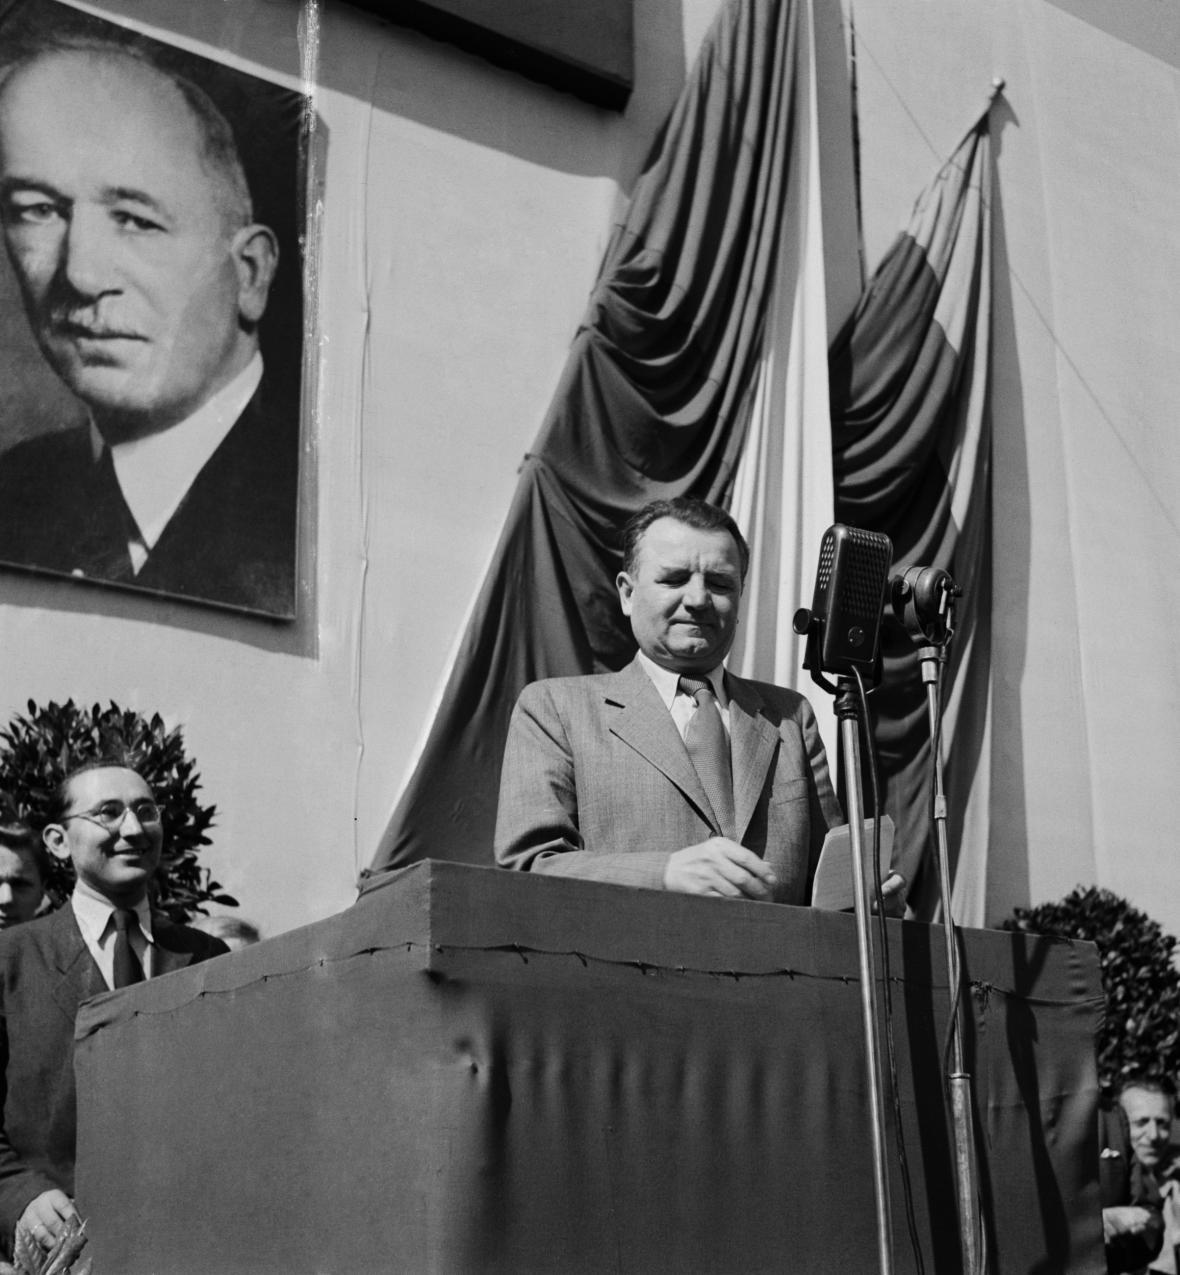 Předseda vlády Klement Gottwald při projevu na Staroměstském náměstí 26.dubna 1948